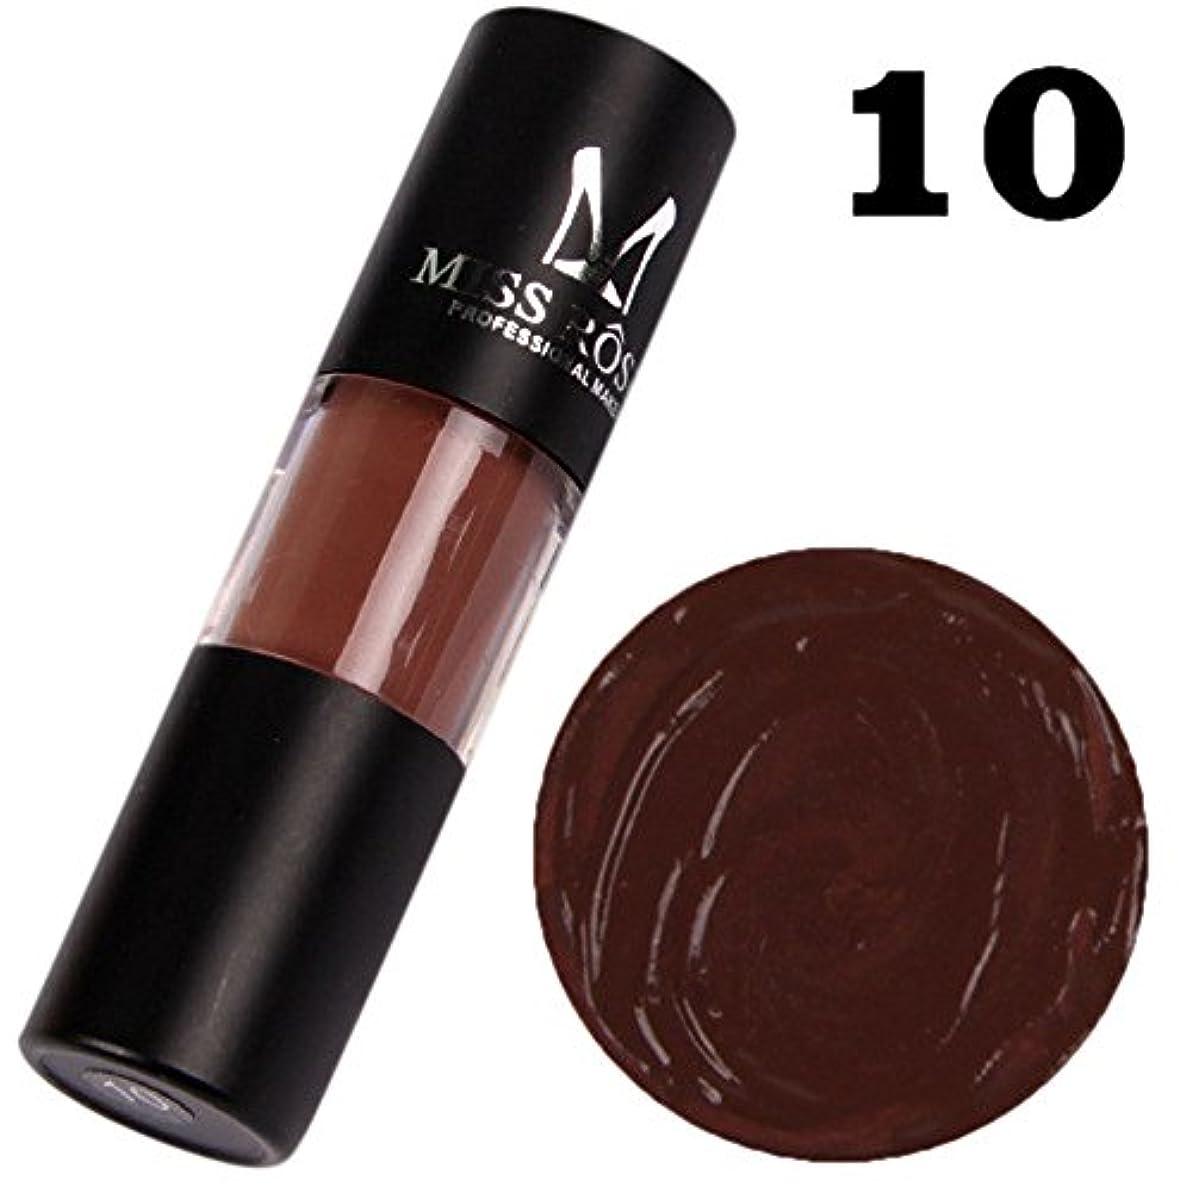 フレームワーク数学混乱した口紅 モイスチャライザー リキッド ベルベット リップスティック 化粧品 美容 リップクリーム 若い メイク リップバーム 液体 唇に塗っっていつもよりセクシー魅力を与えるルージュhuajuan